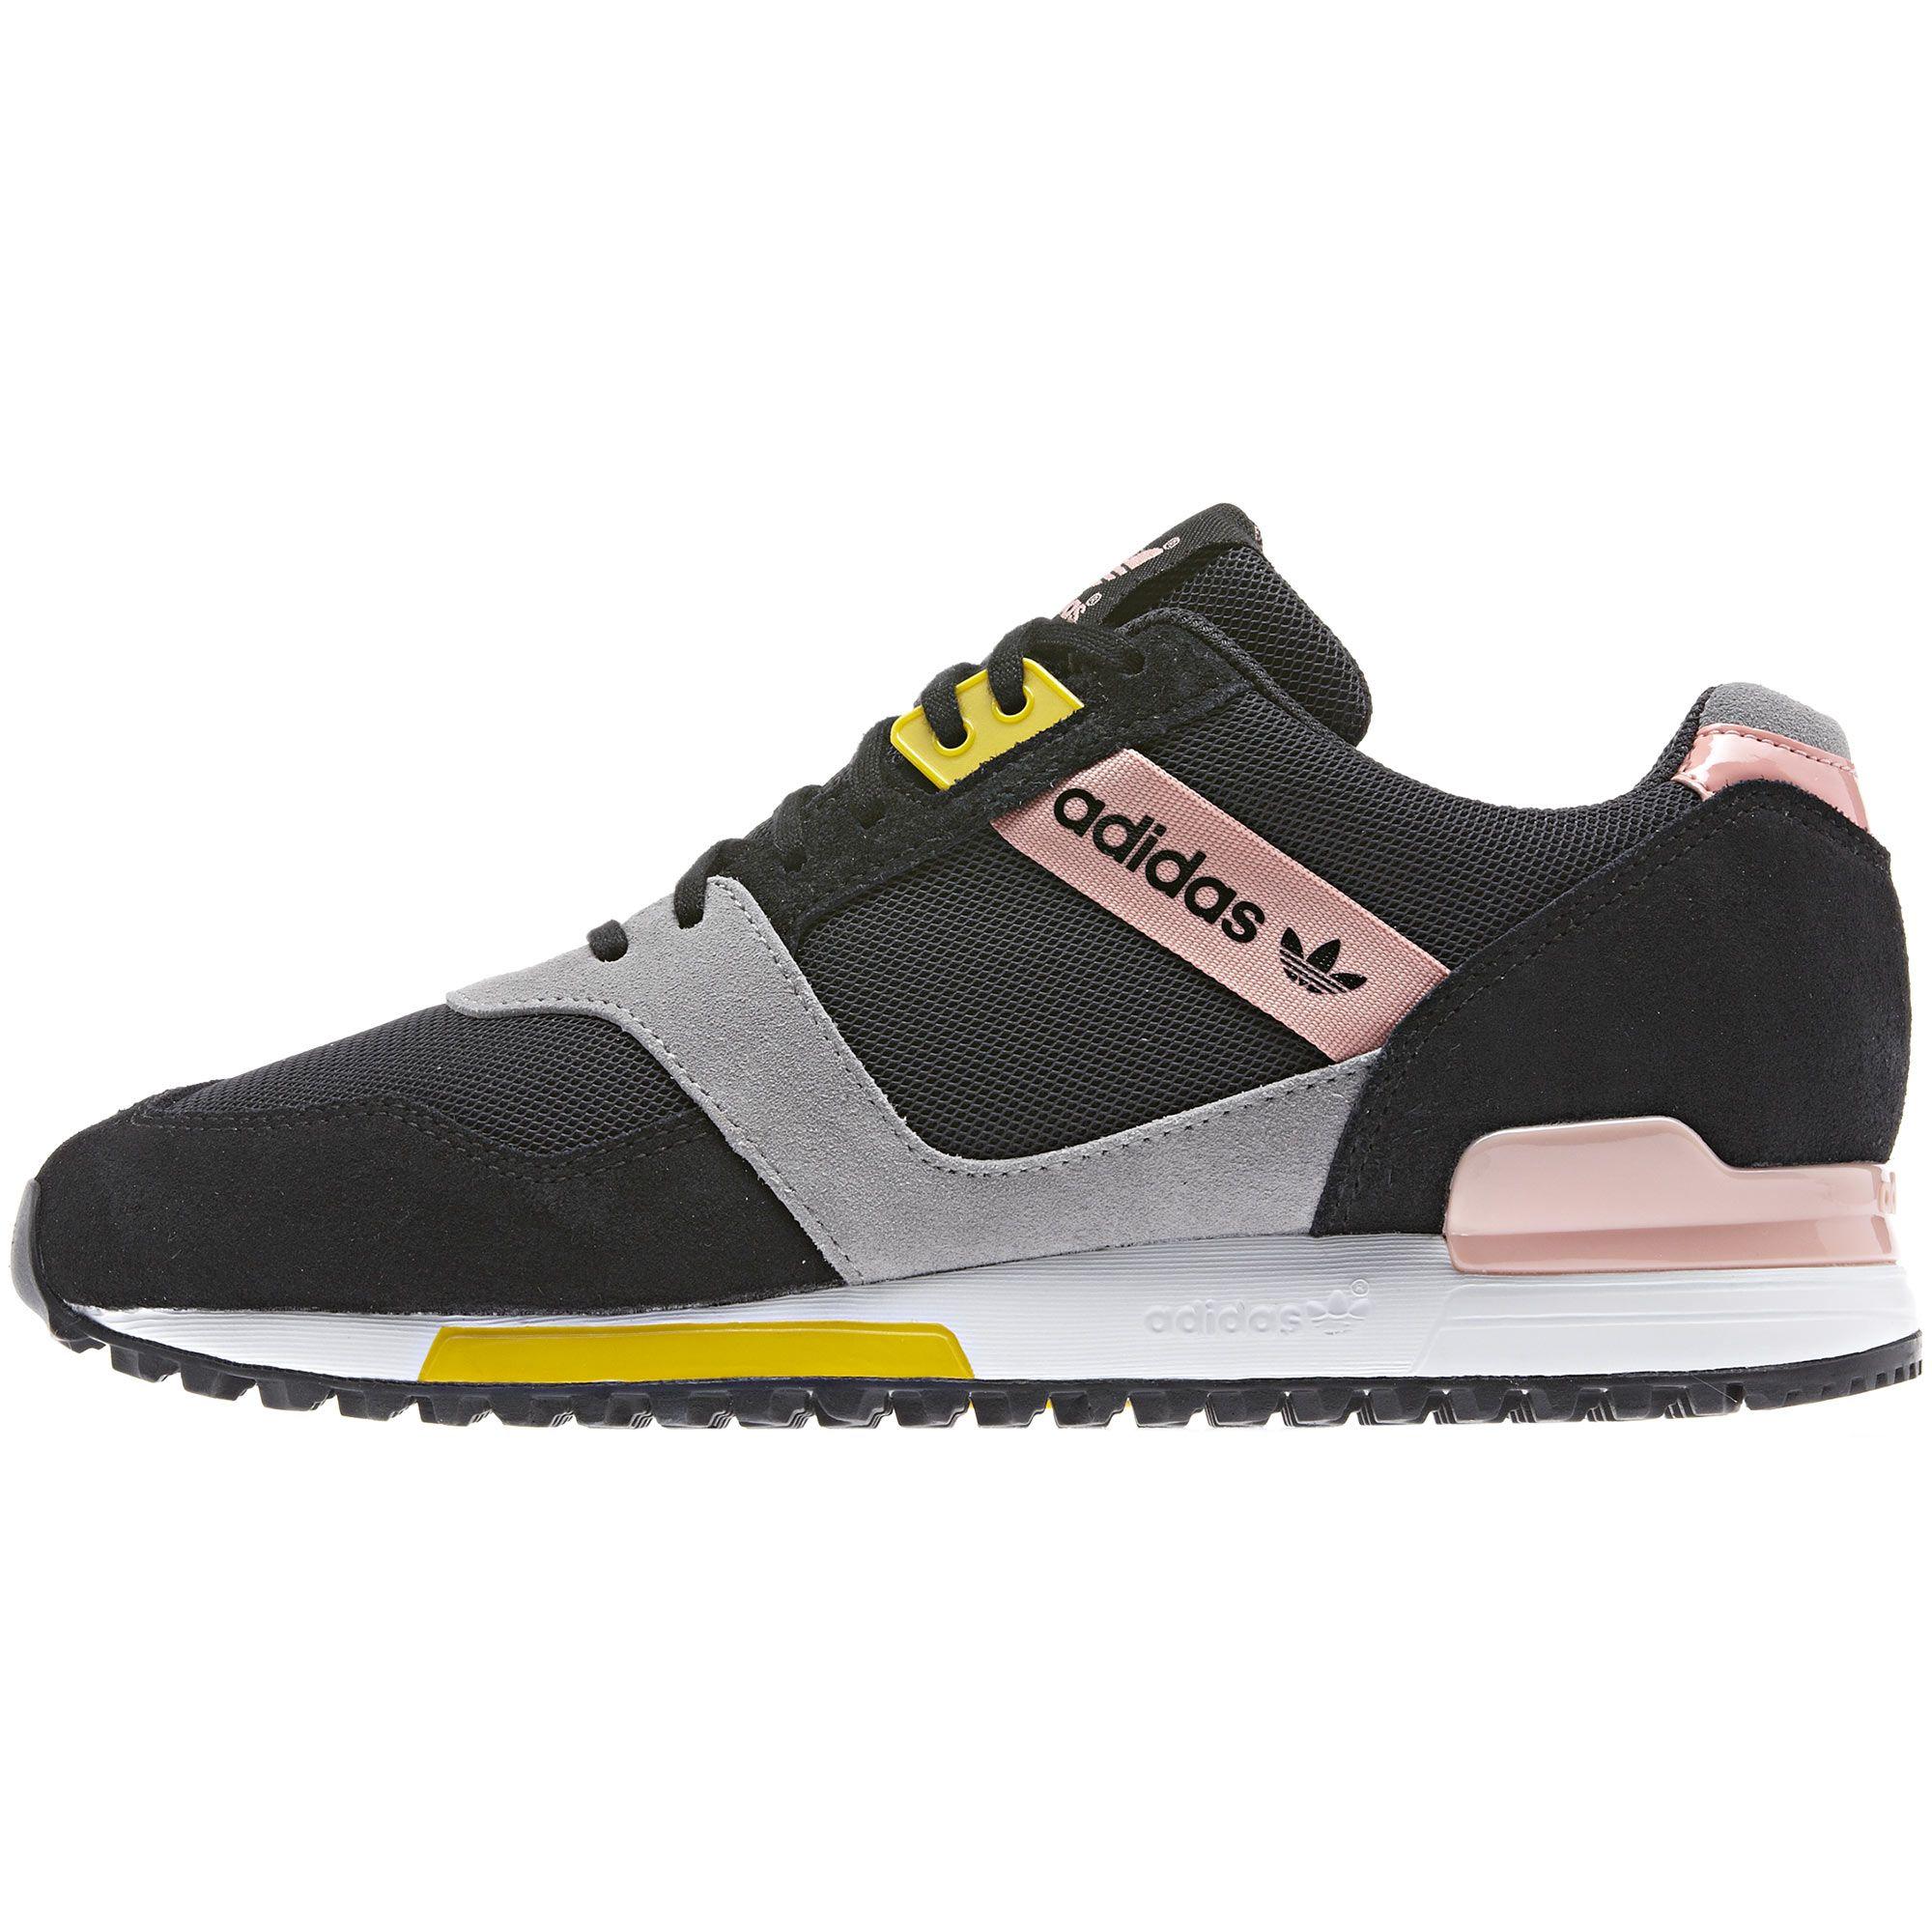 zapatillas casual de mujer originals zx 700 be lo adidas